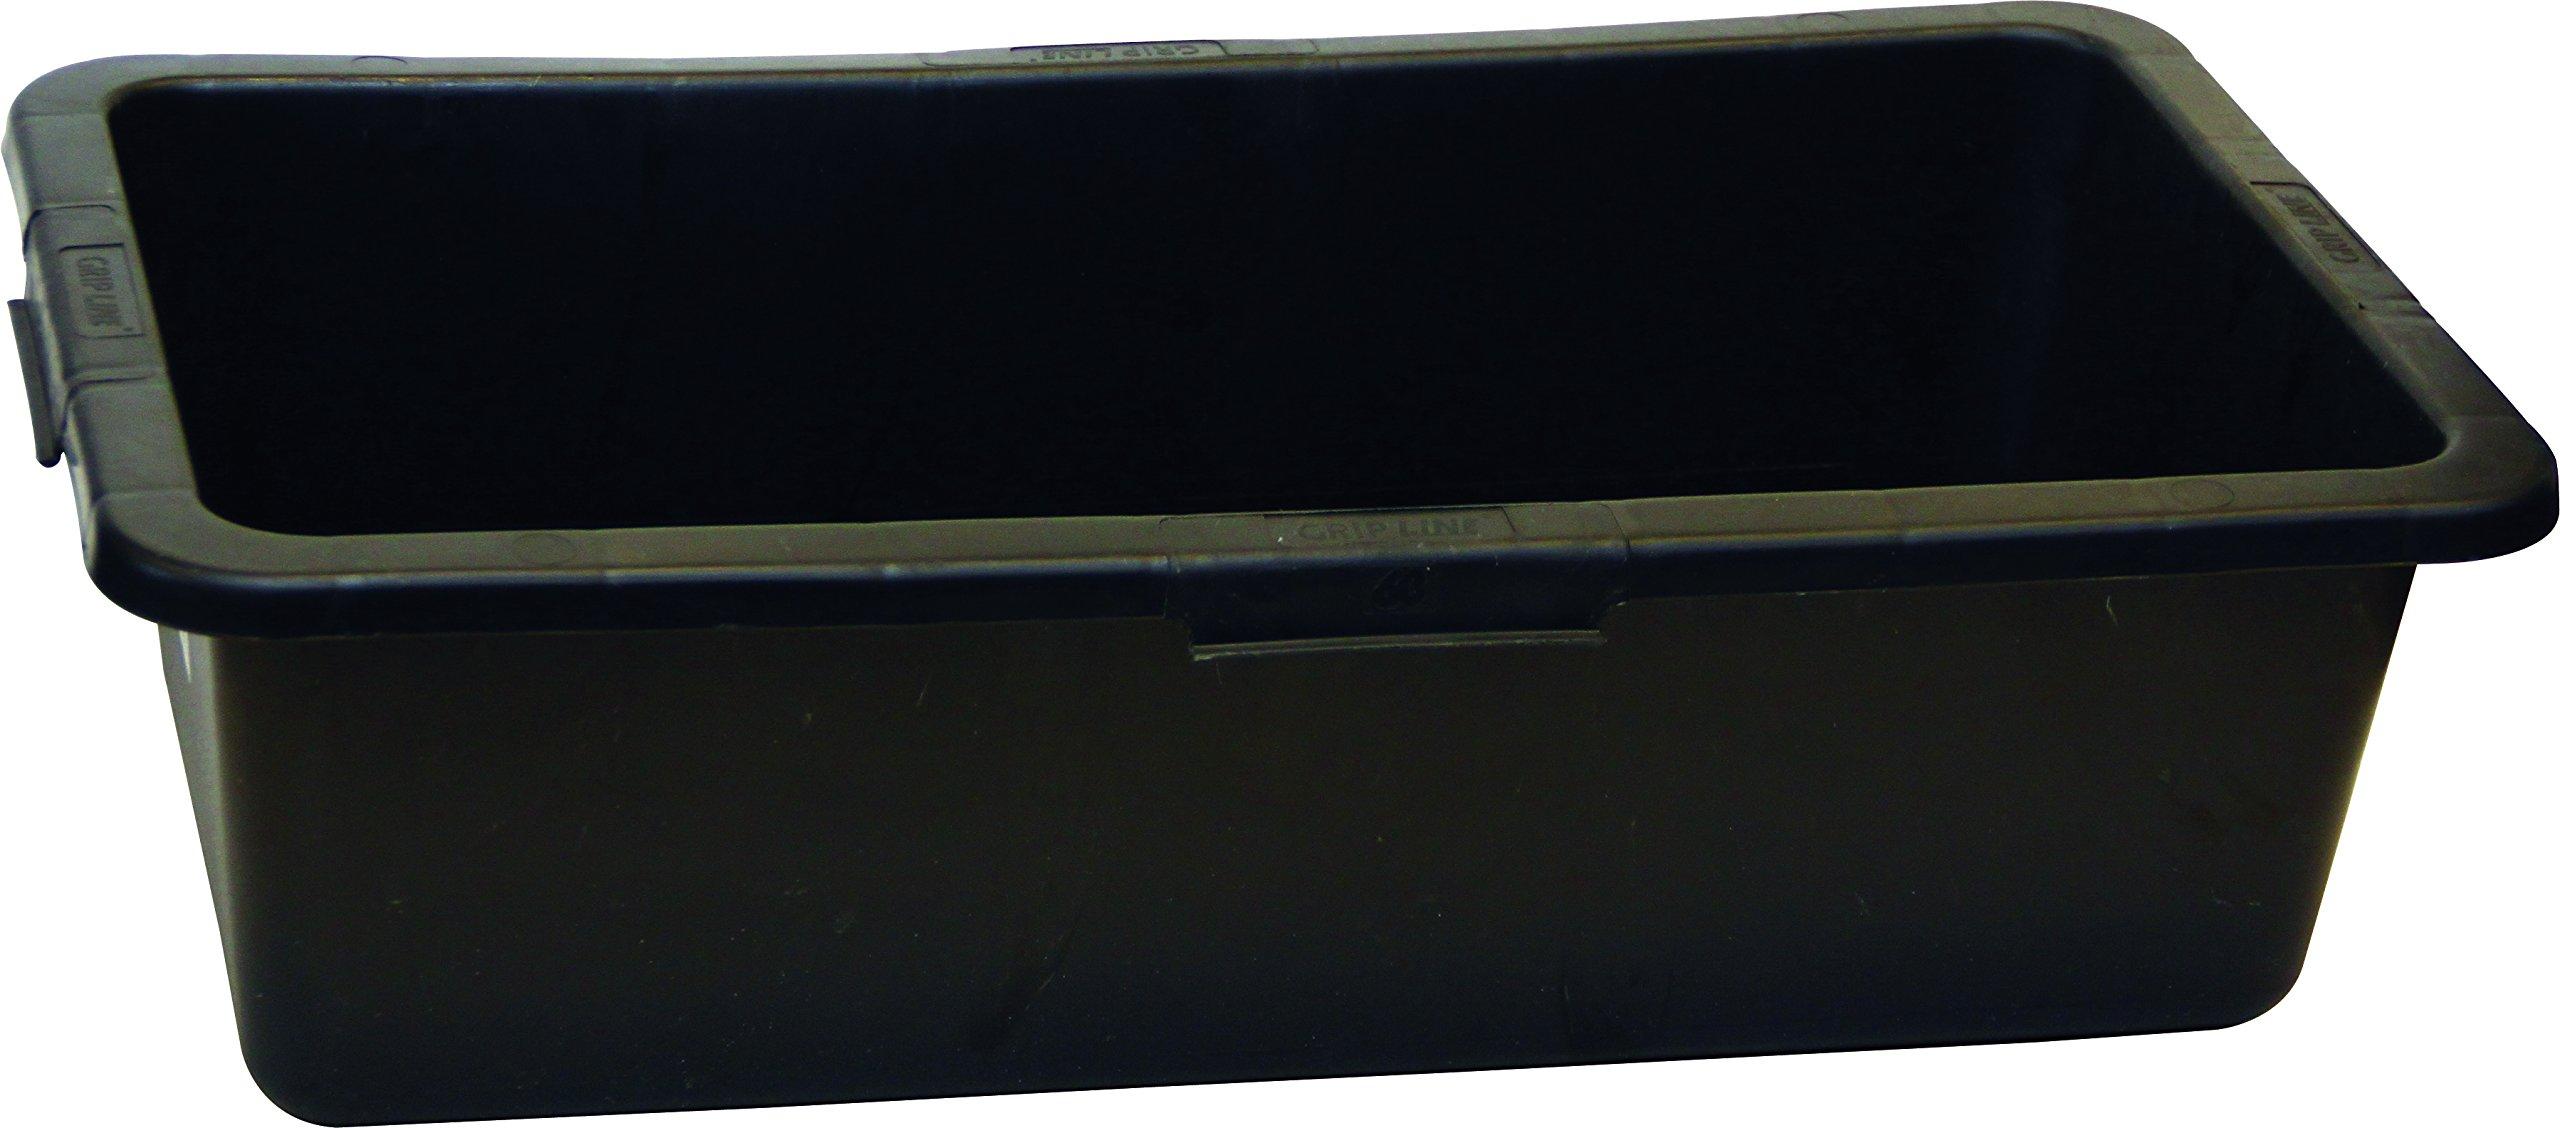 Practo PB90 - Barreño de obra rectangular (90 L) product image